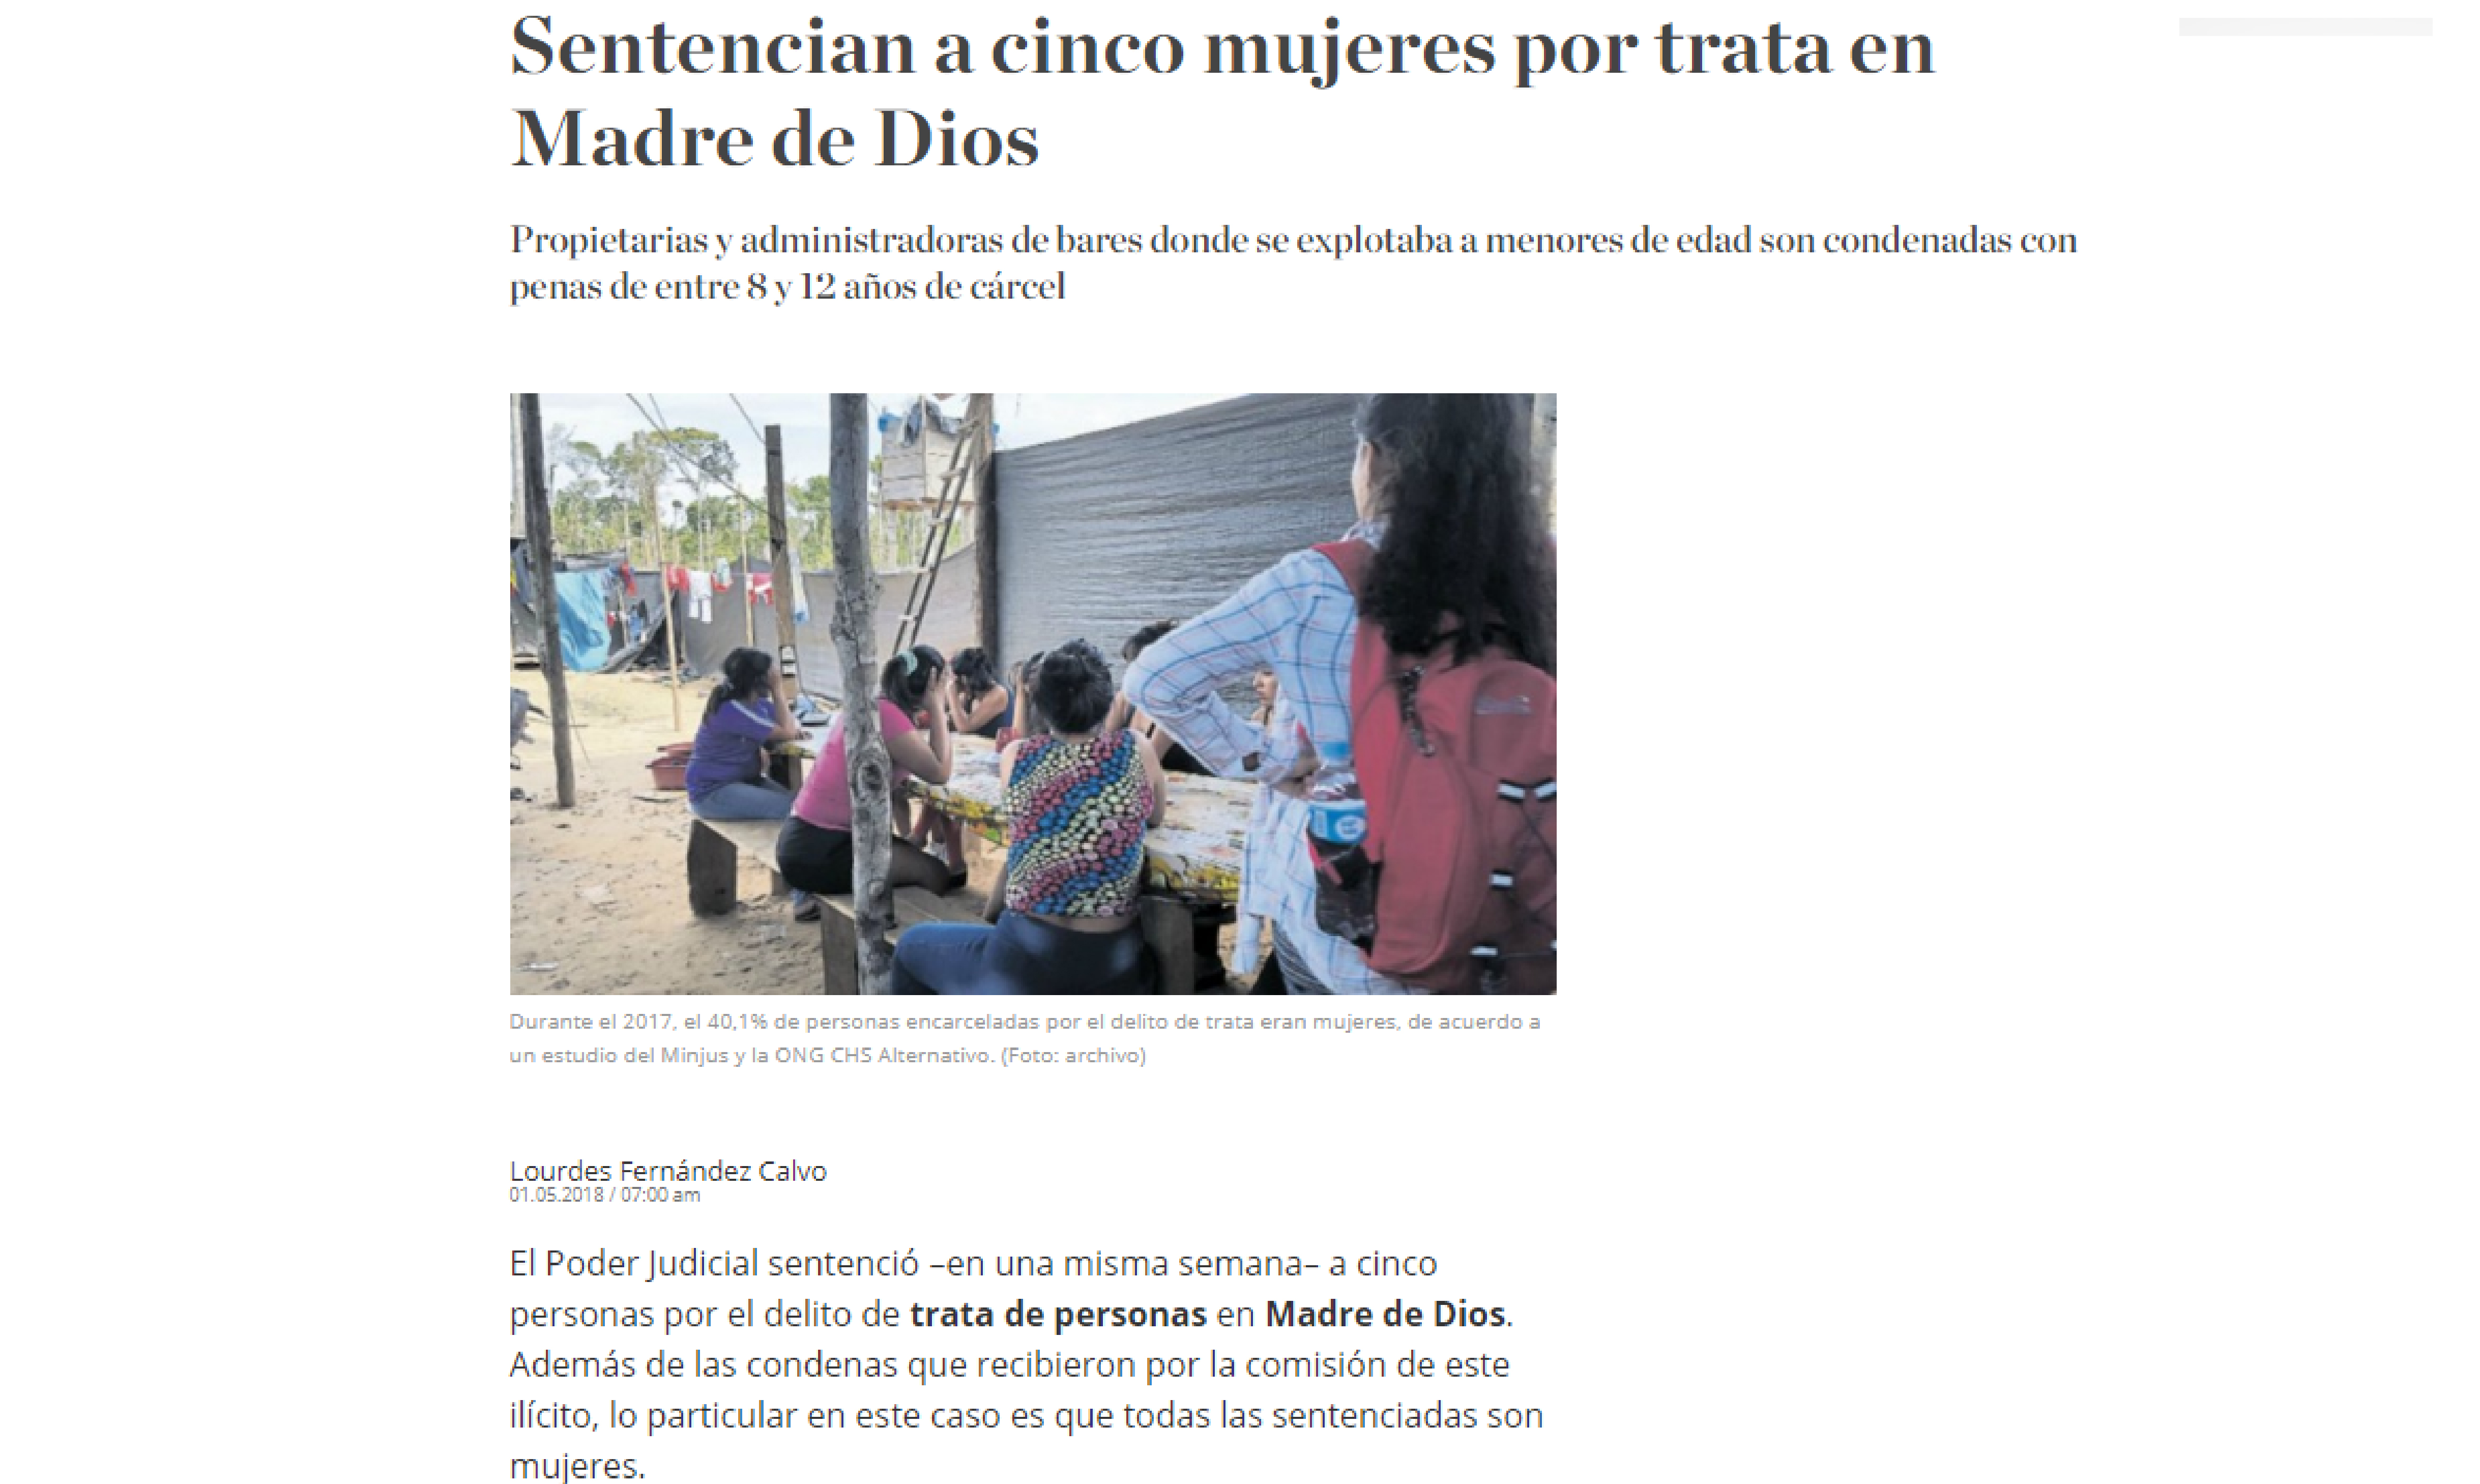 El Comercio: Sentencian a cinco mujeres por trata en Madre de Dios